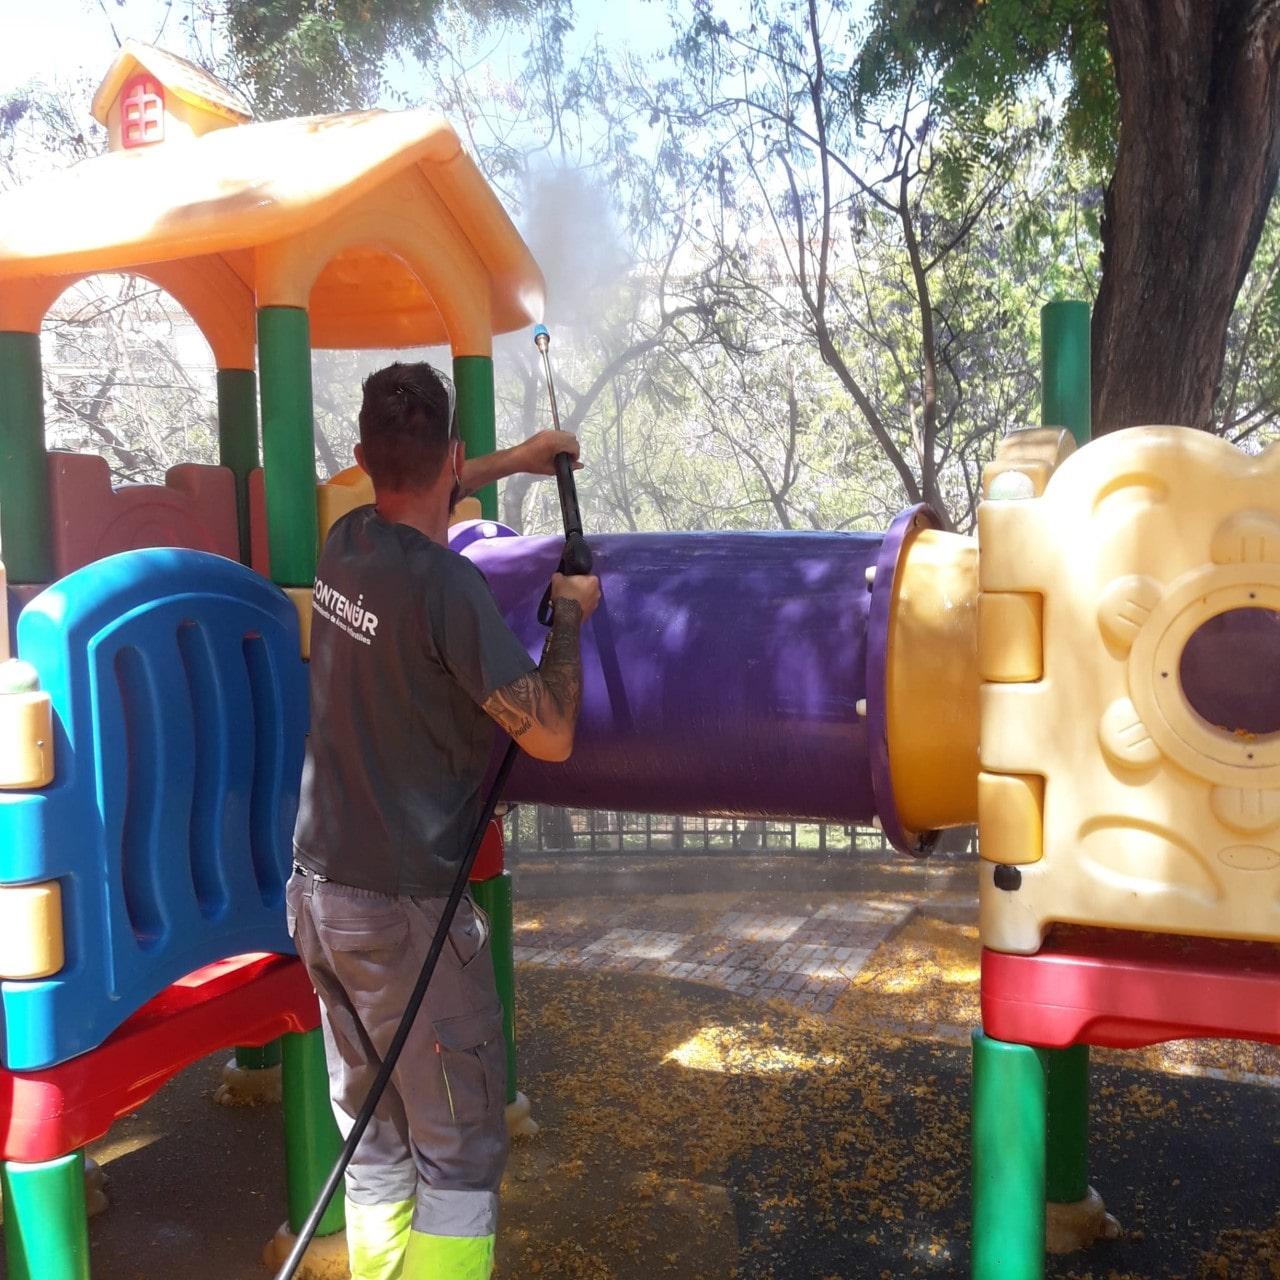 Se reabren las áreas de juegos infantiles de los parques públicos